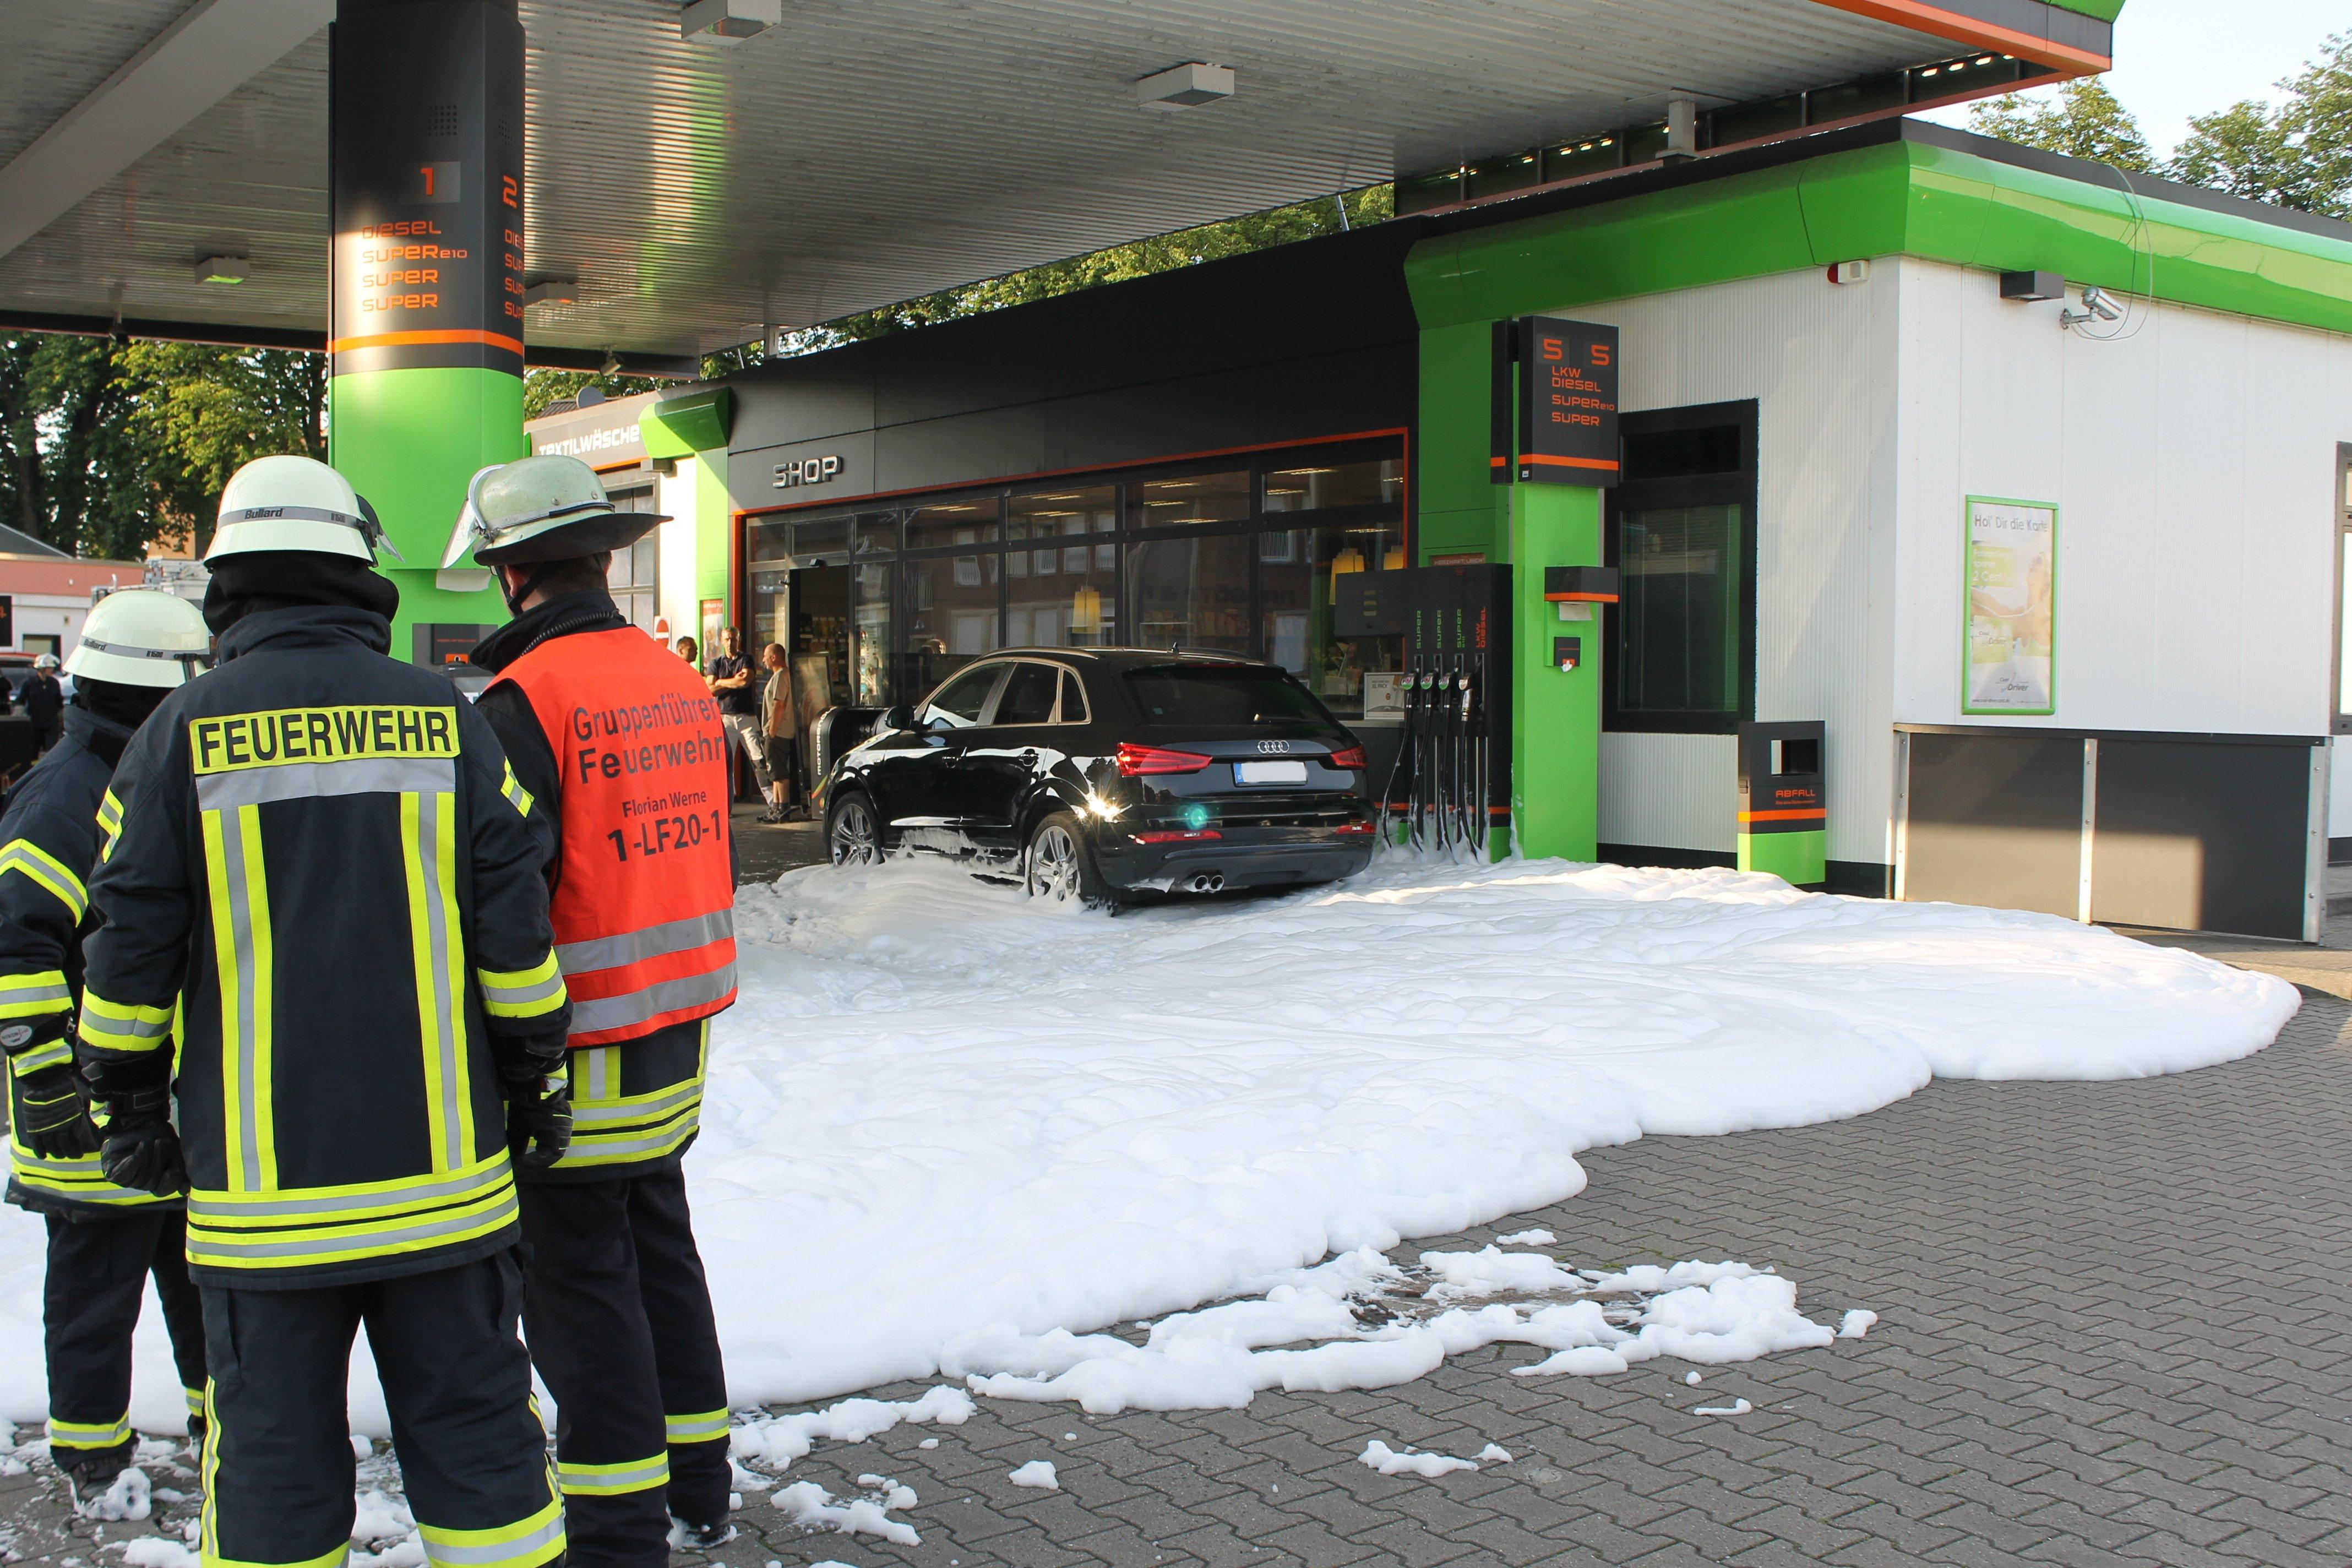 Benzin läuft aus defektem Tank (Foto: OTS)